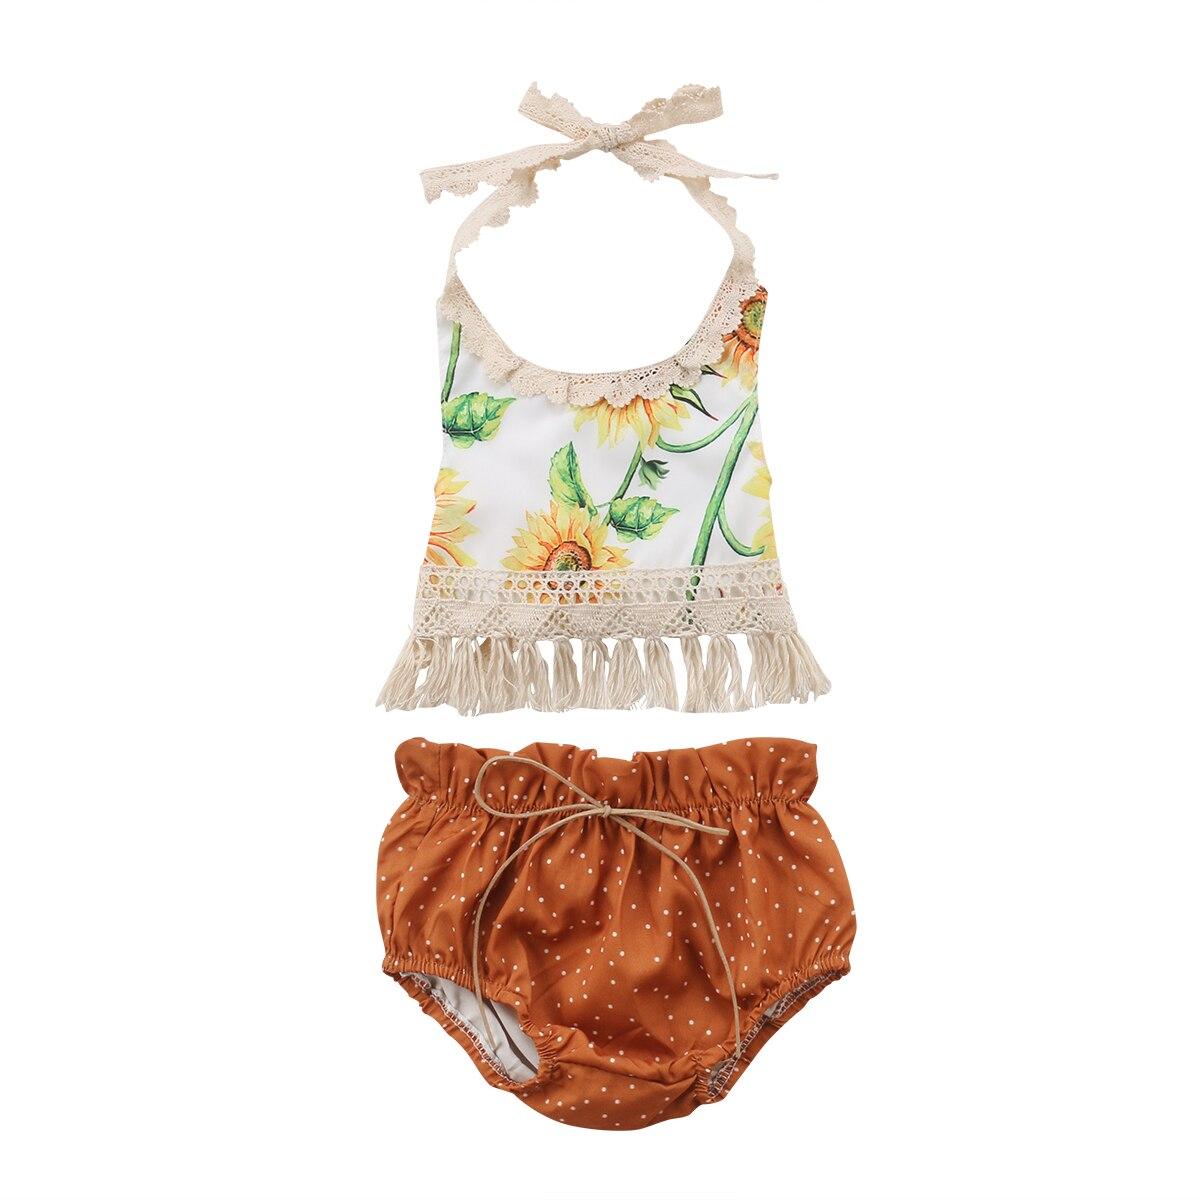 Crianças recém-nascidos conjunto de girassol bebê meninas flor borla topos shorts outfits sunsuit